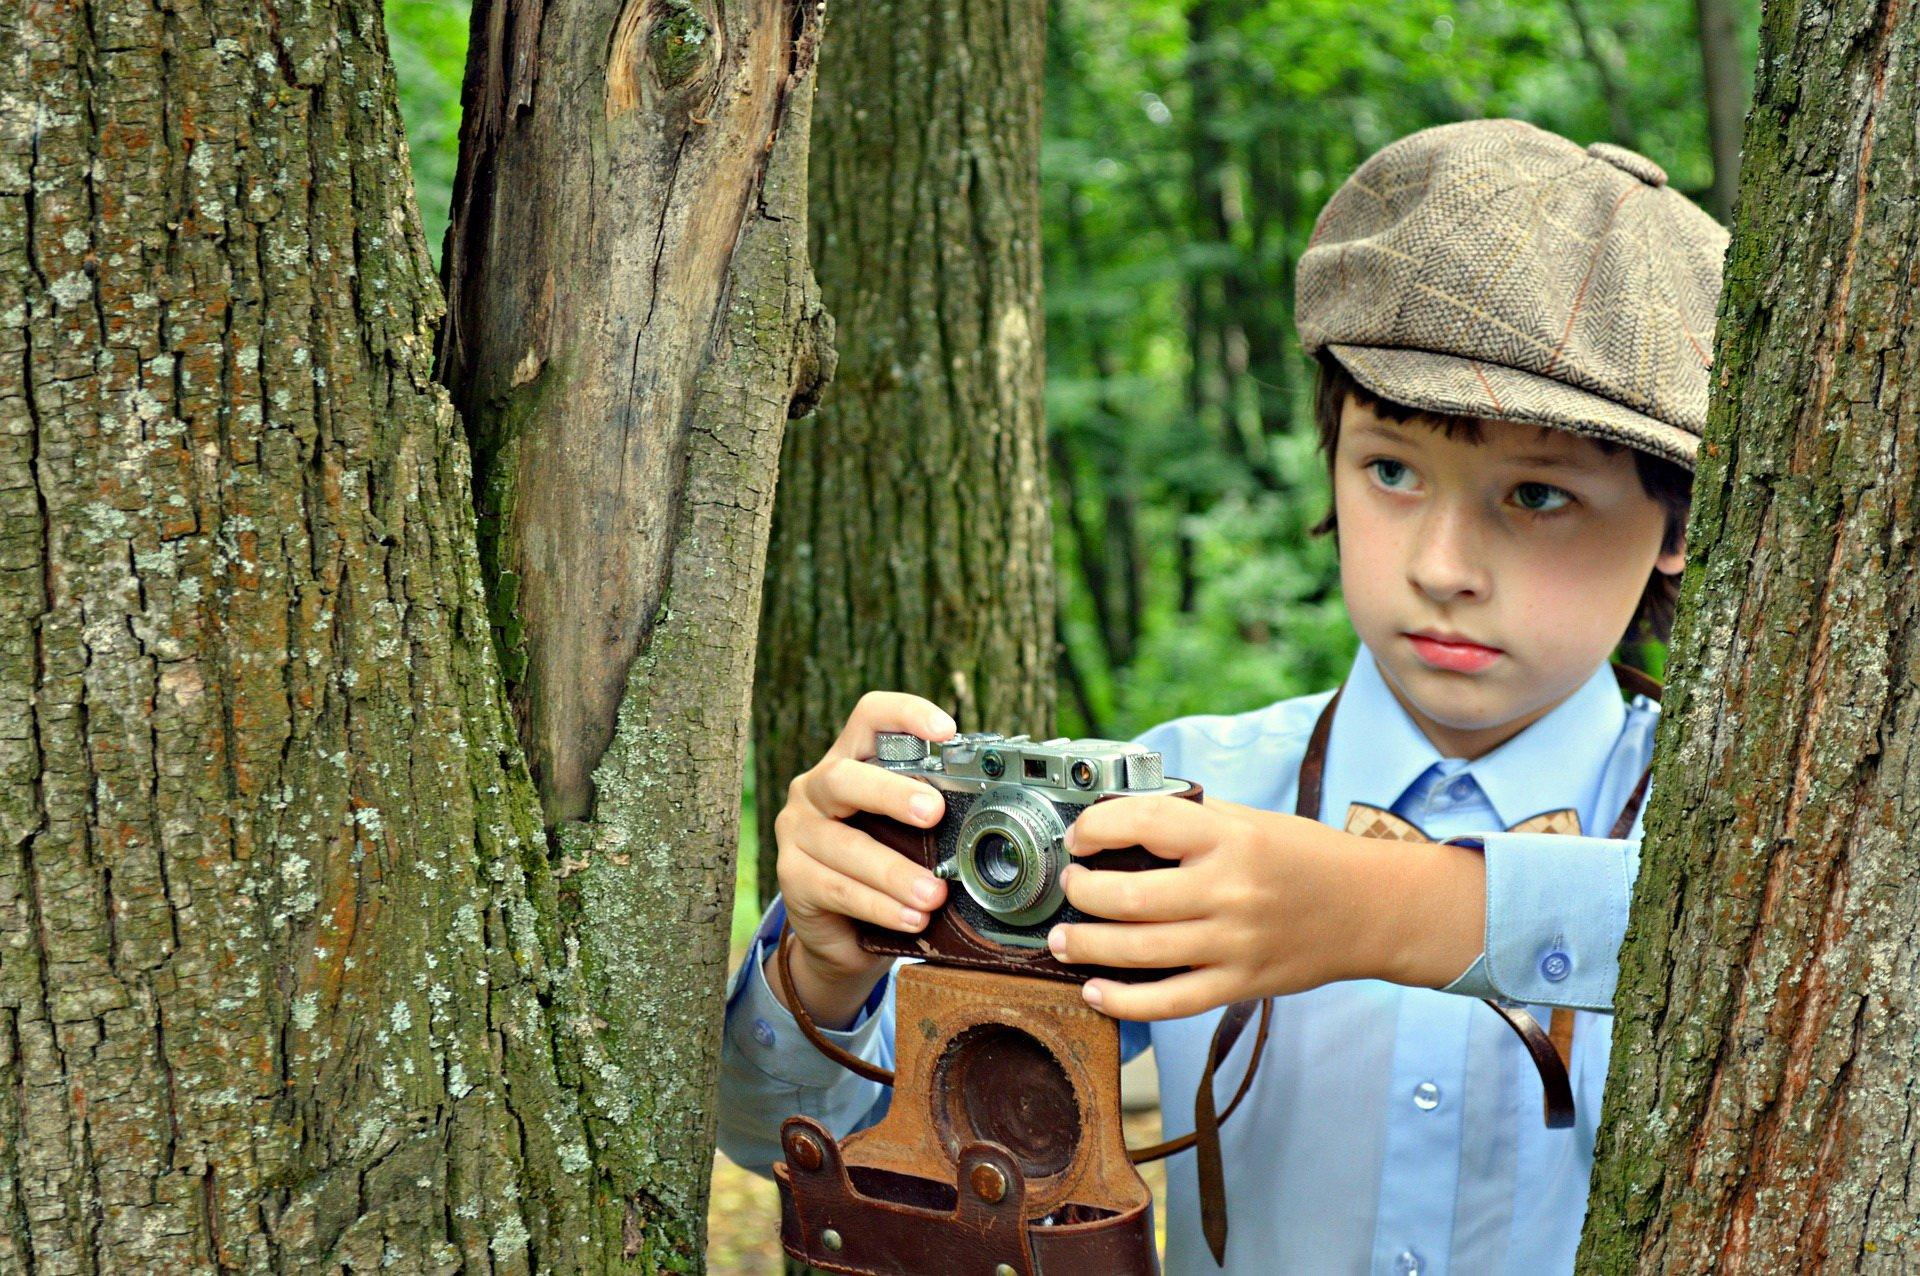 Piosenka o lasach piosenki dla dzieci teksty i melodie